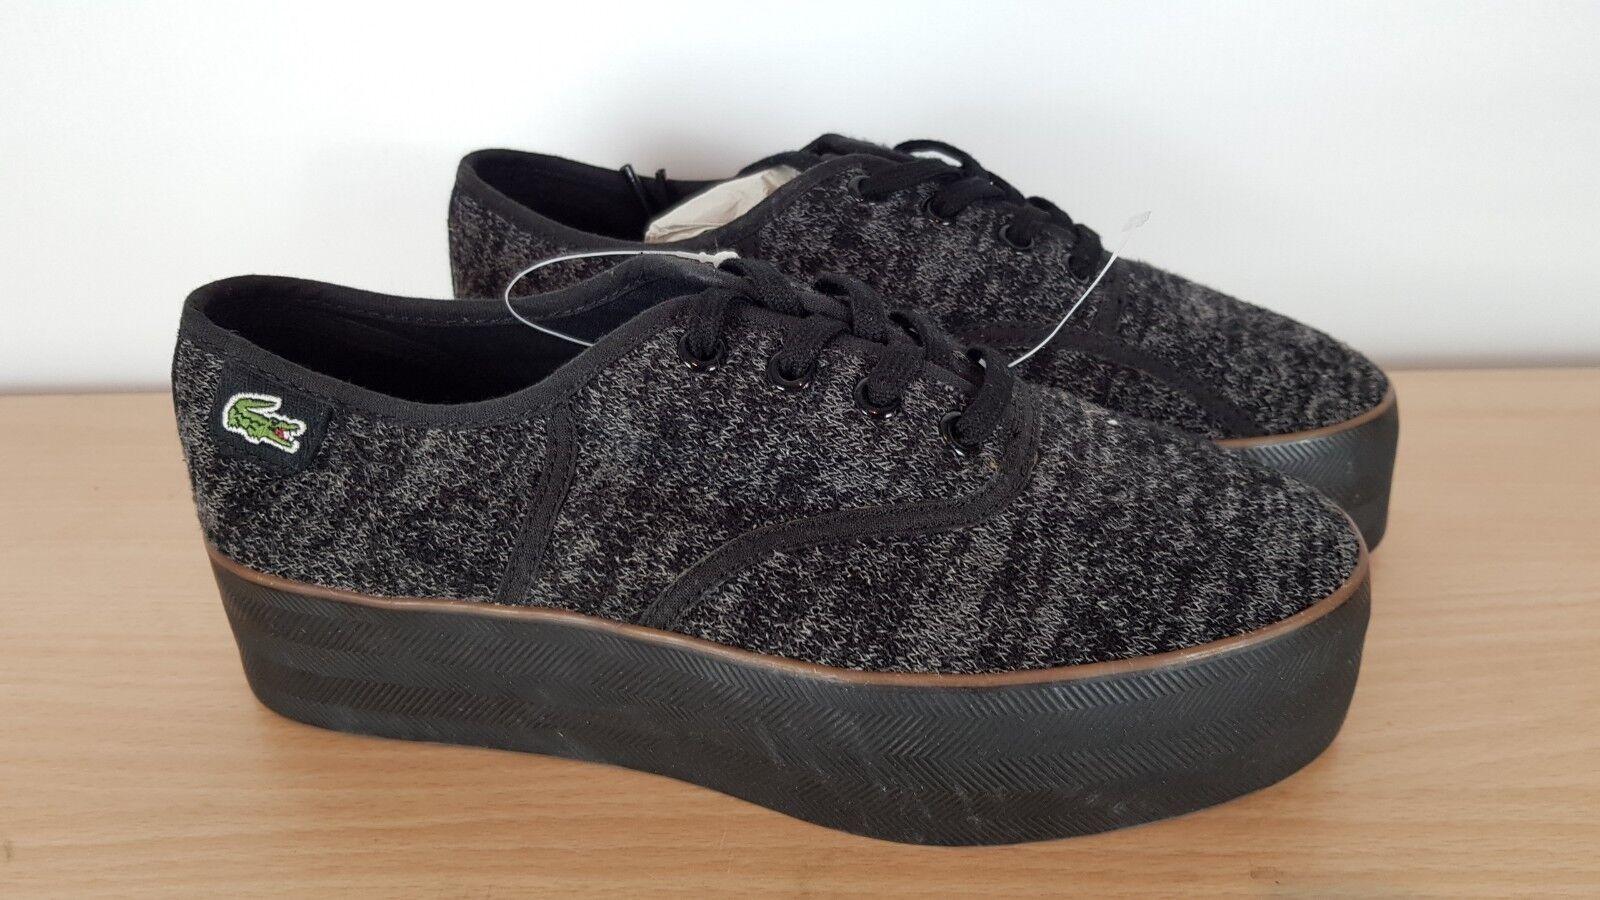 Lacoste Damas Rene Negro y gris Zapatos Zapatos Zapatos De Plataforma, UK 4 EU 37  Ahorre hasta un 70% de descuento.